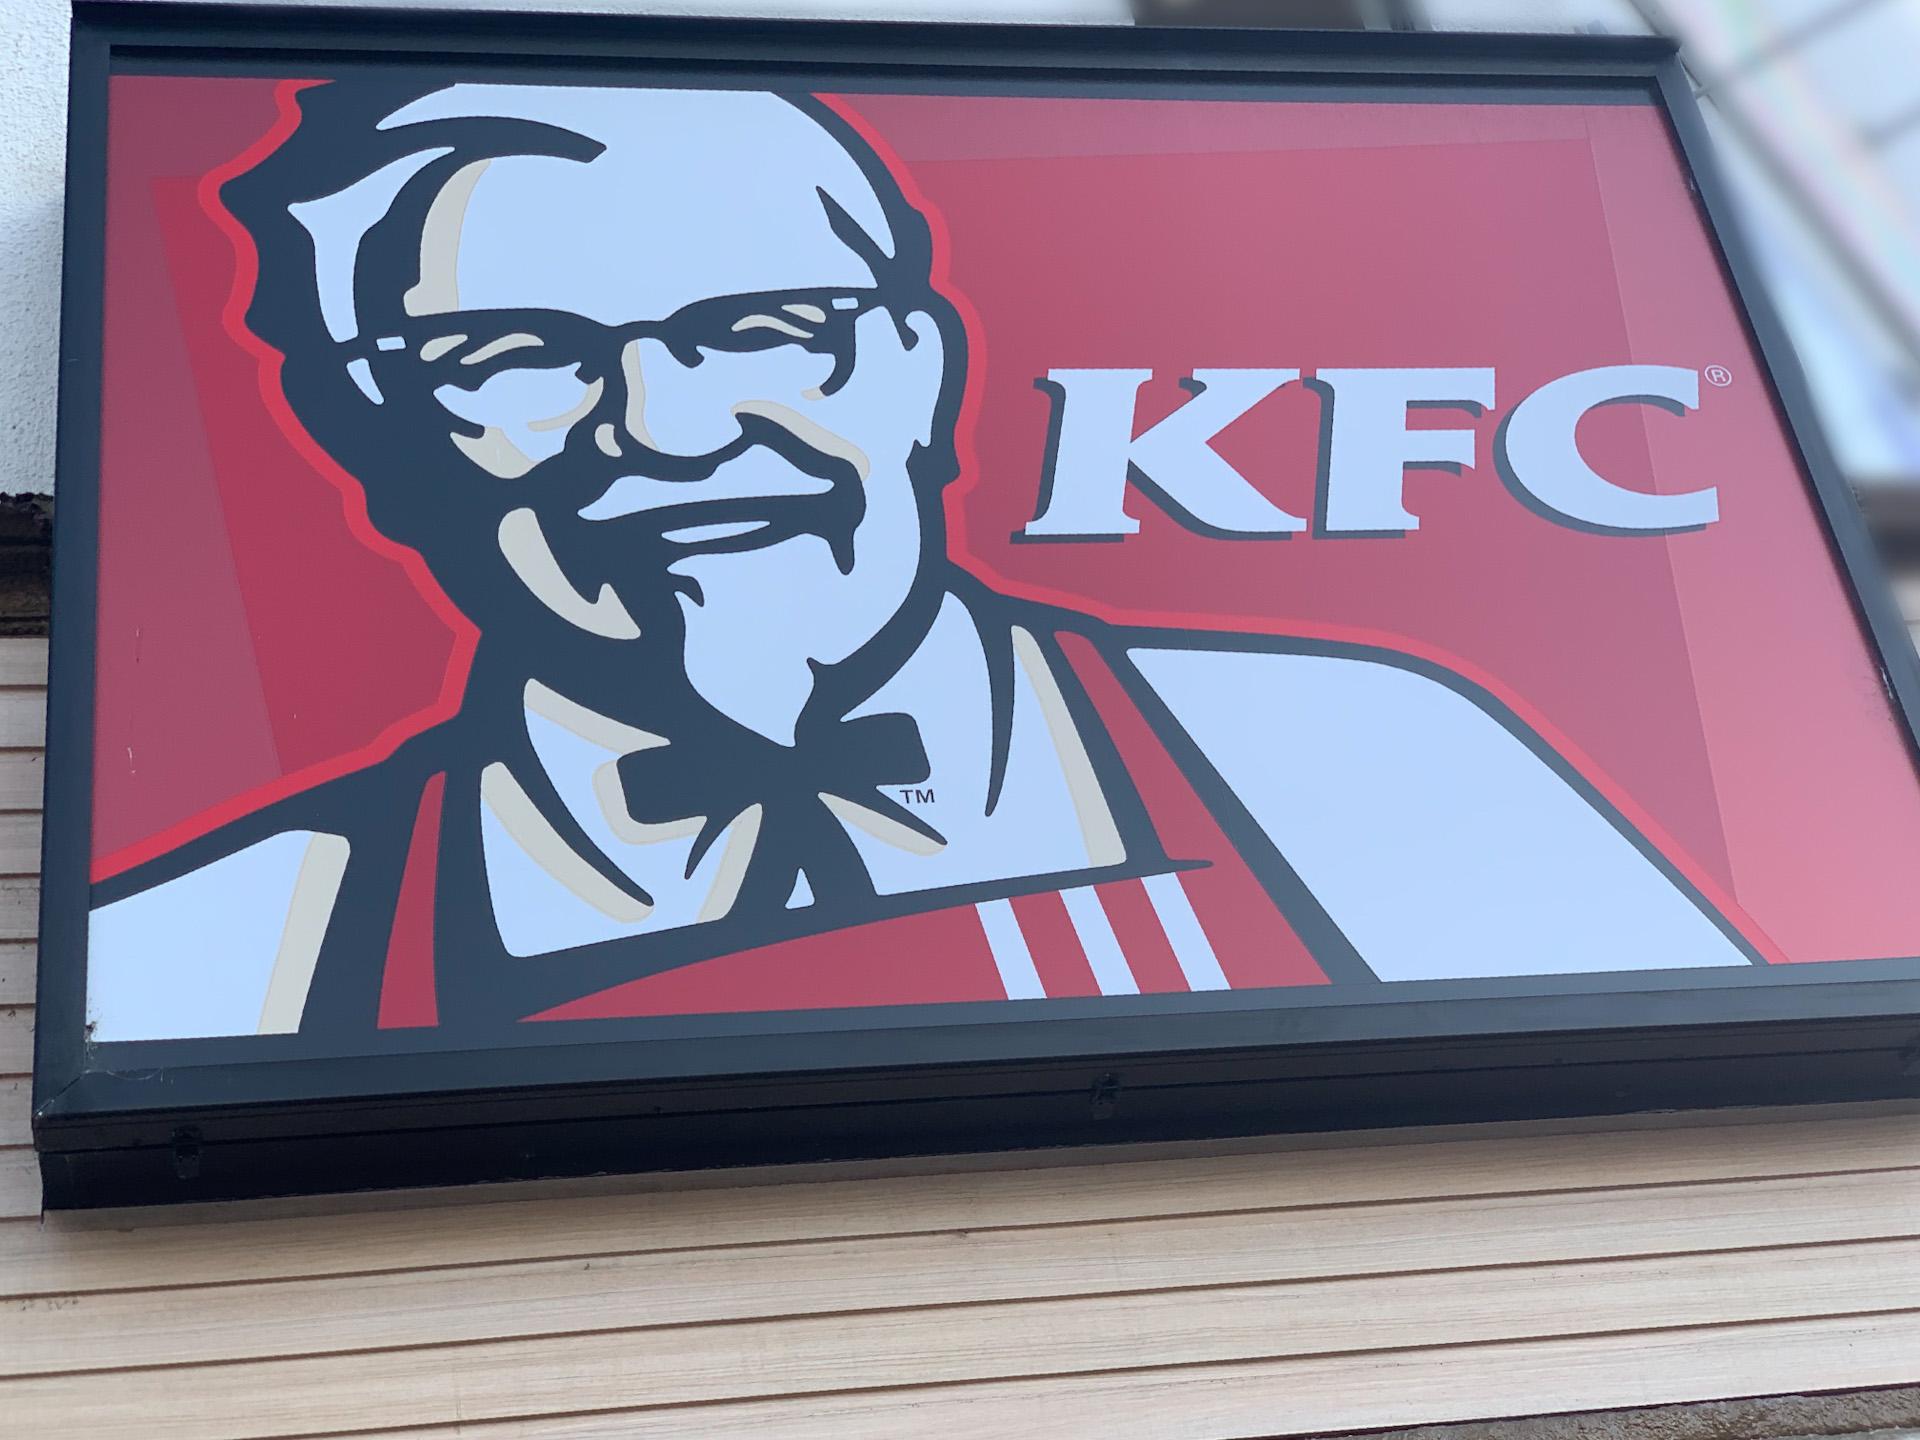 【ケンタッキー】チキンの部位の名前・特徴まとめ!指定して注文できる?